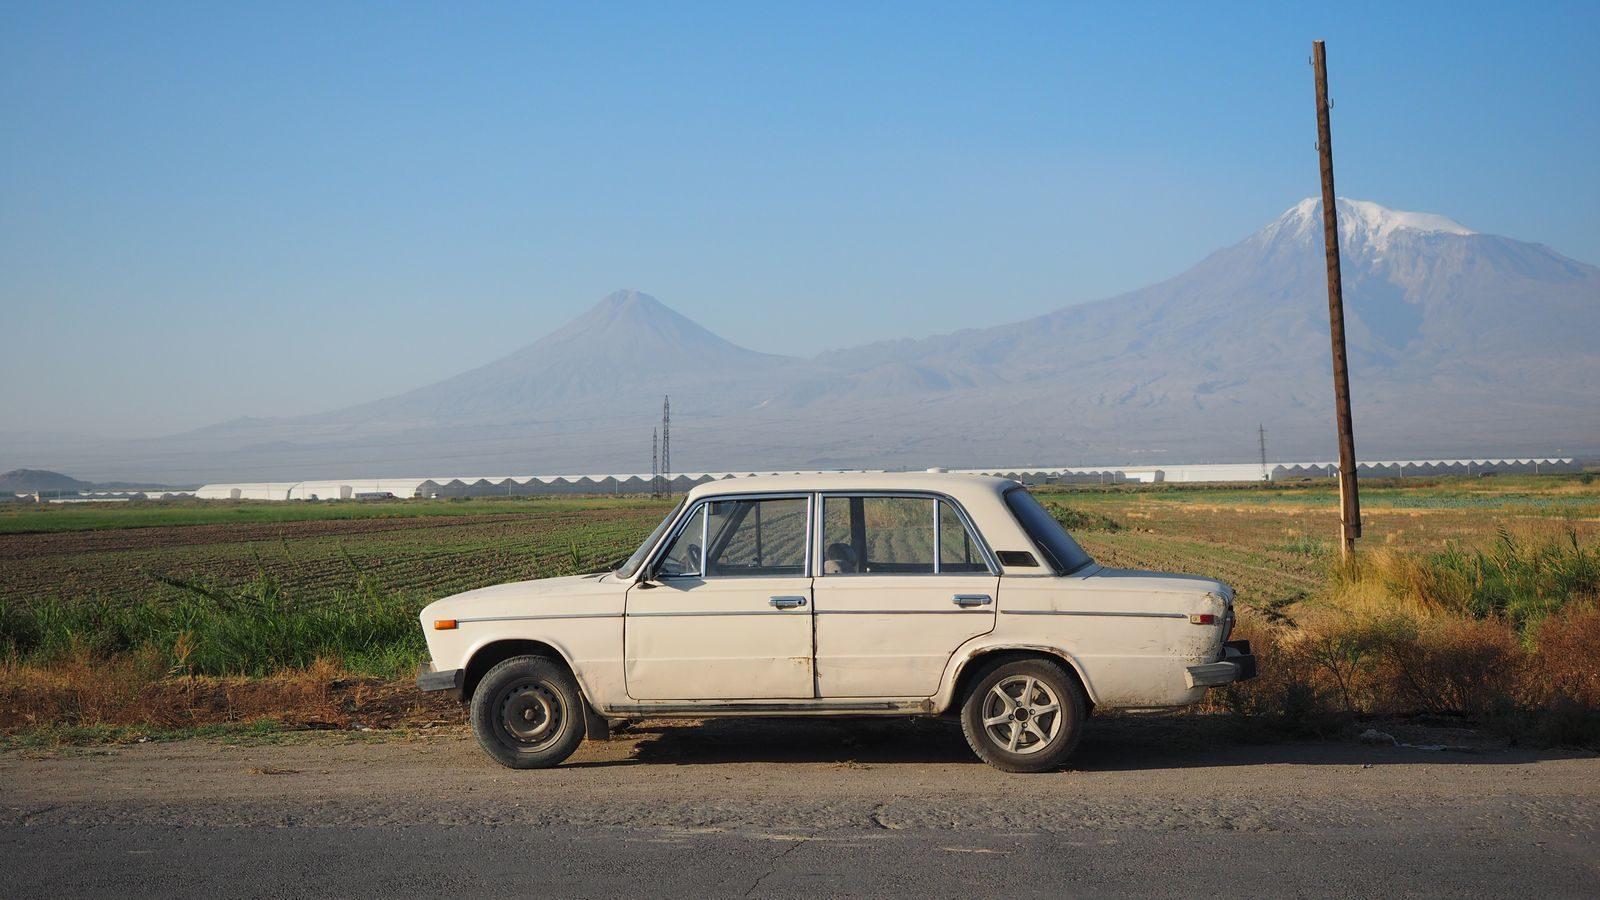 Radreise Armenien - Armenia by bike